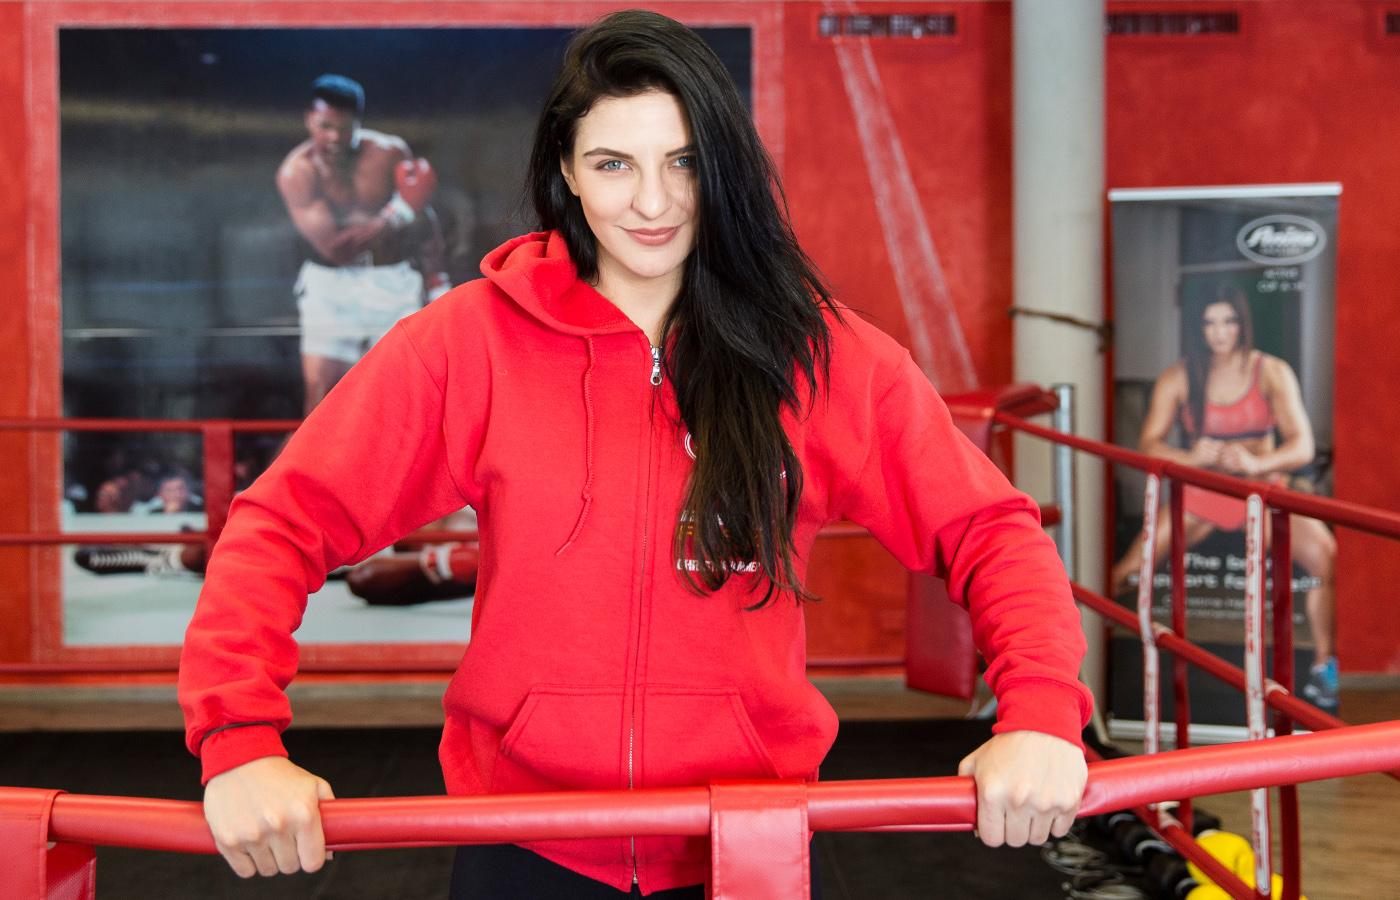 Christina Hammer ist 5-fache Boxweltmeisterin und verteidigt am 1.April ihren Titel